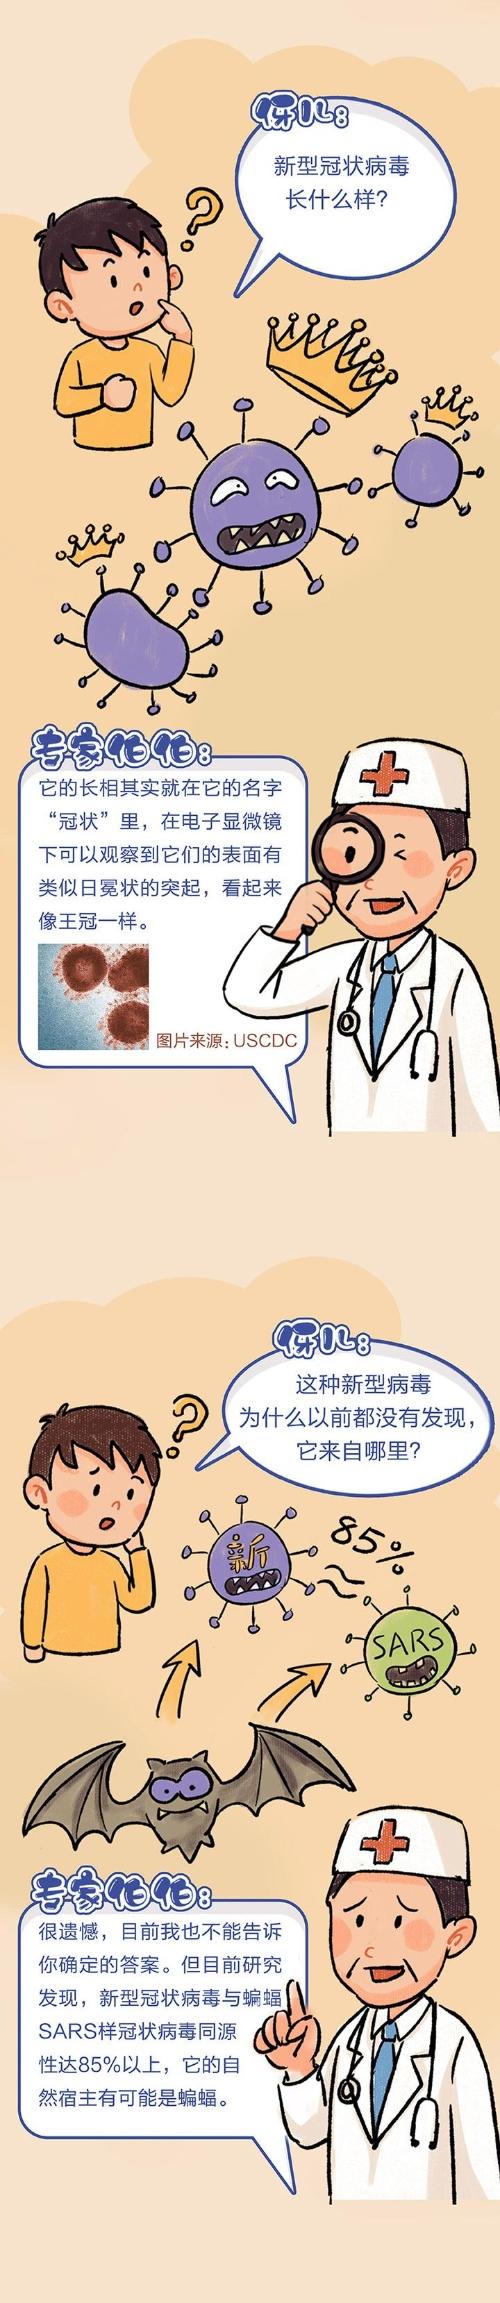 儿童版新型冠状病毒防护手册 请收好!图片